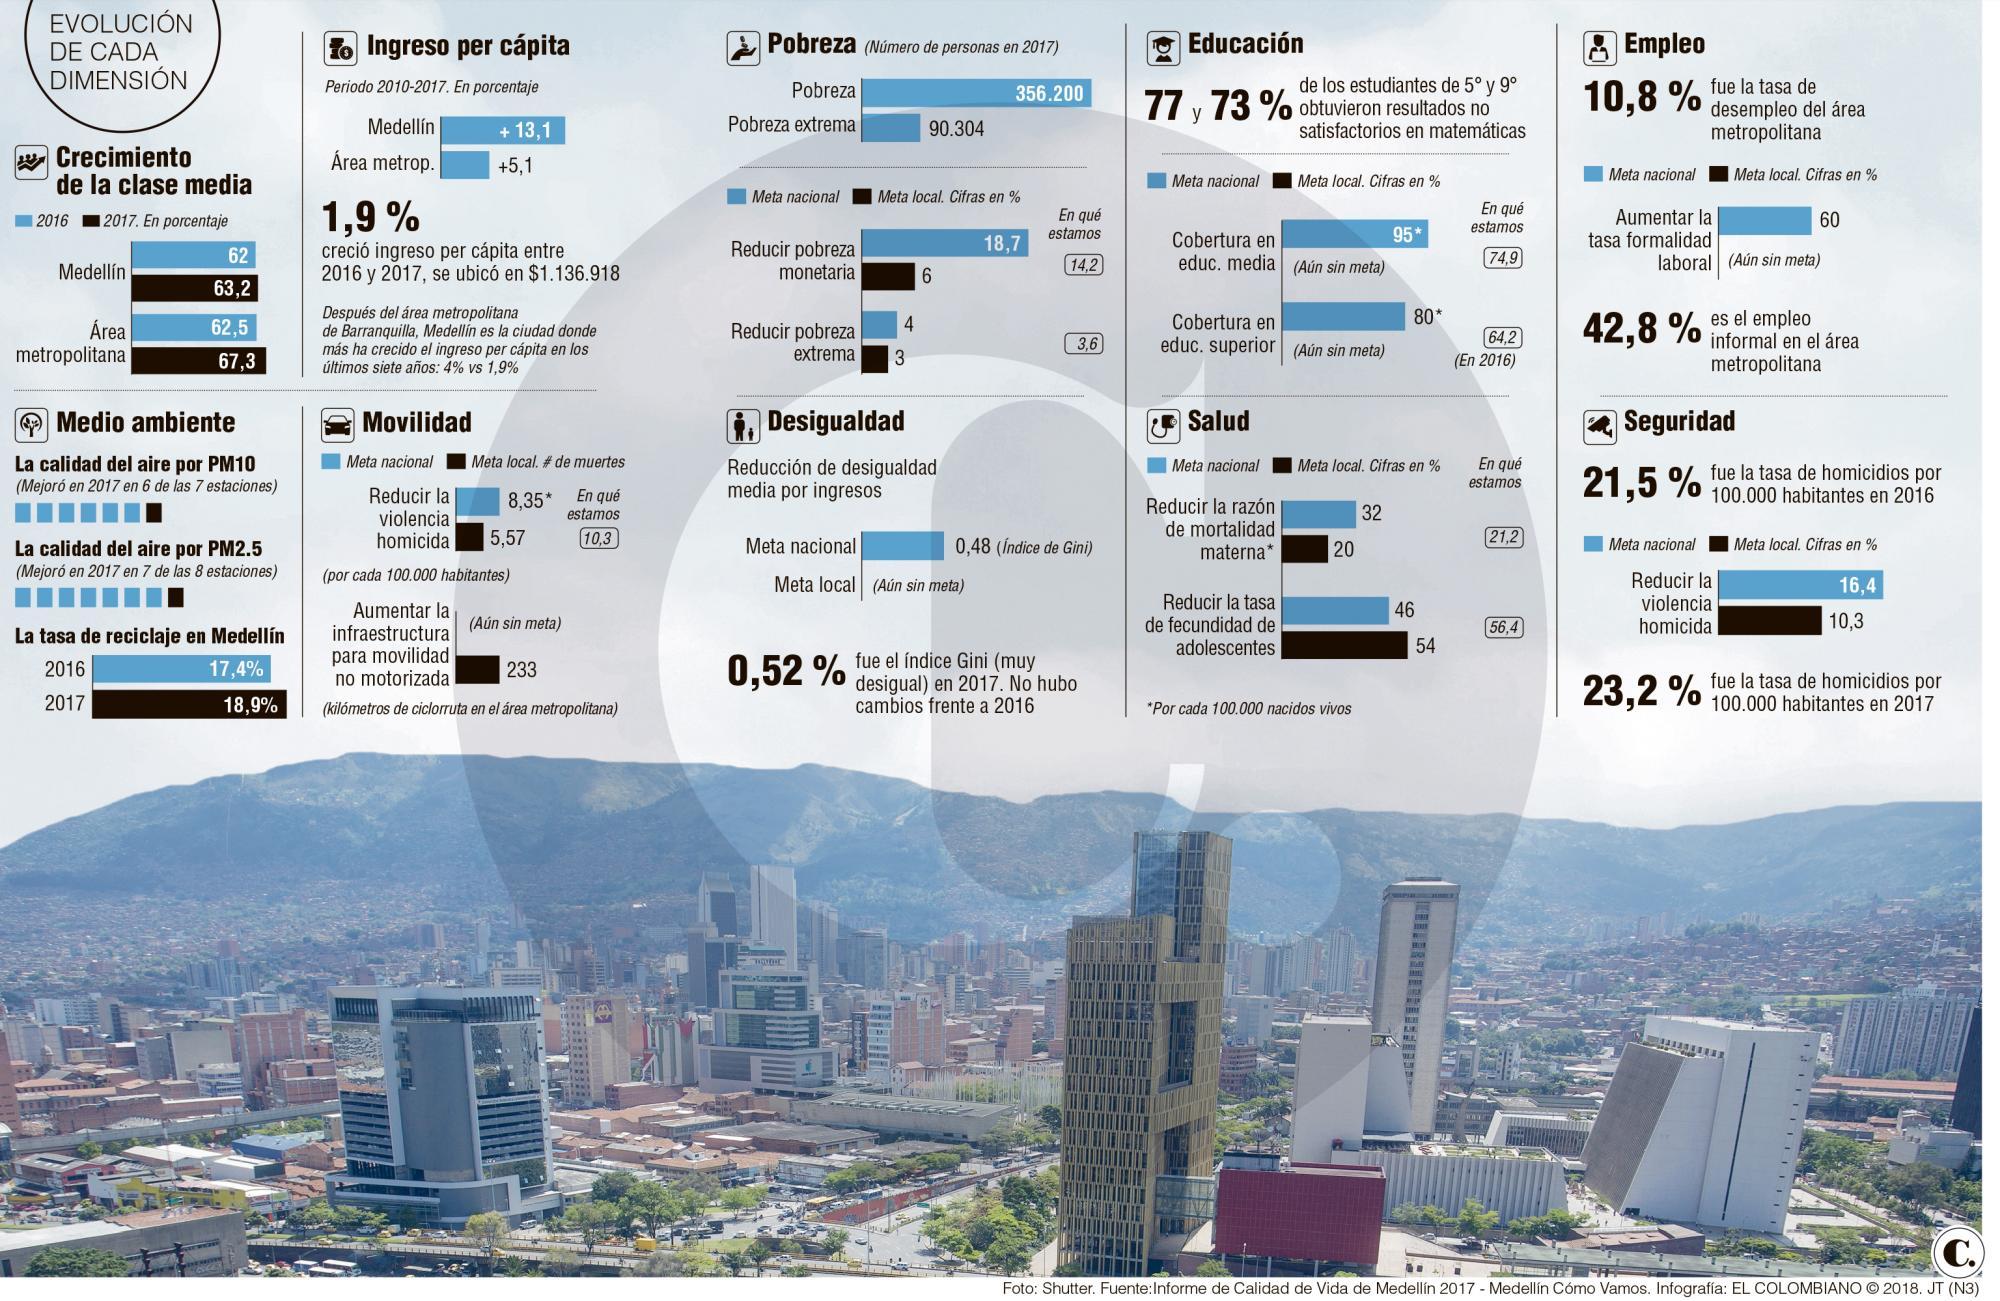 Informe de calidad de Vida de Medellín 2017